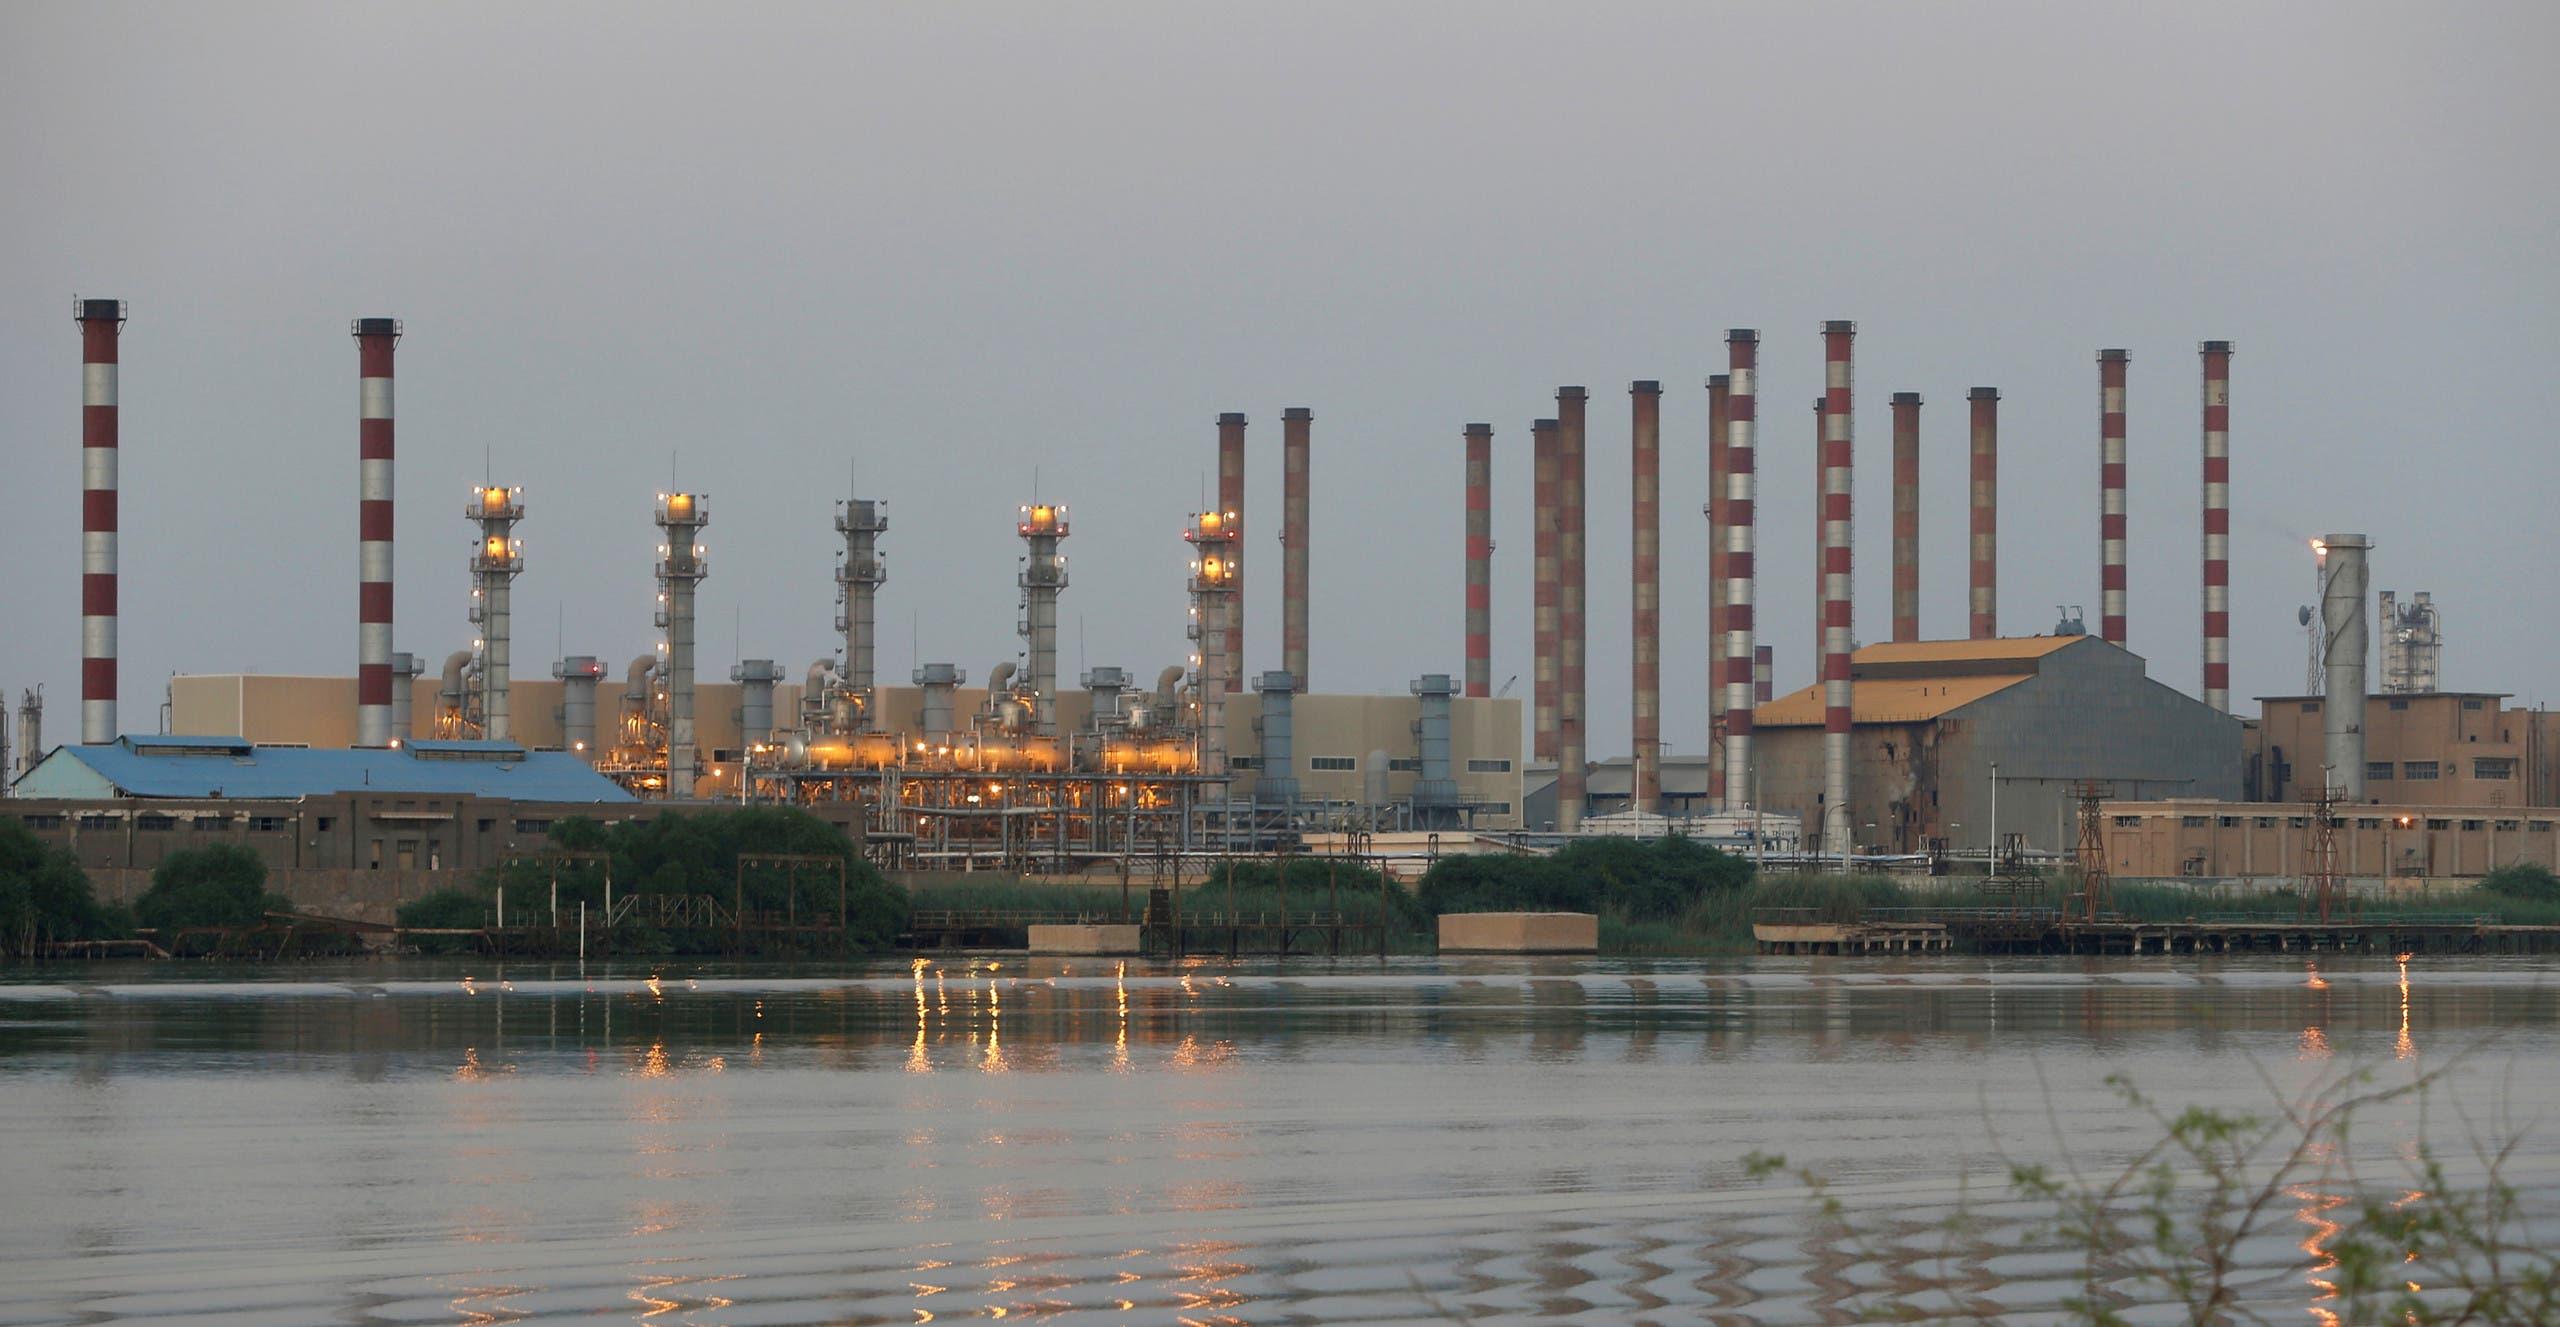 ميناء عبدان النفطي في إيران في صورة التقطت من البر العراقي على شط العرب